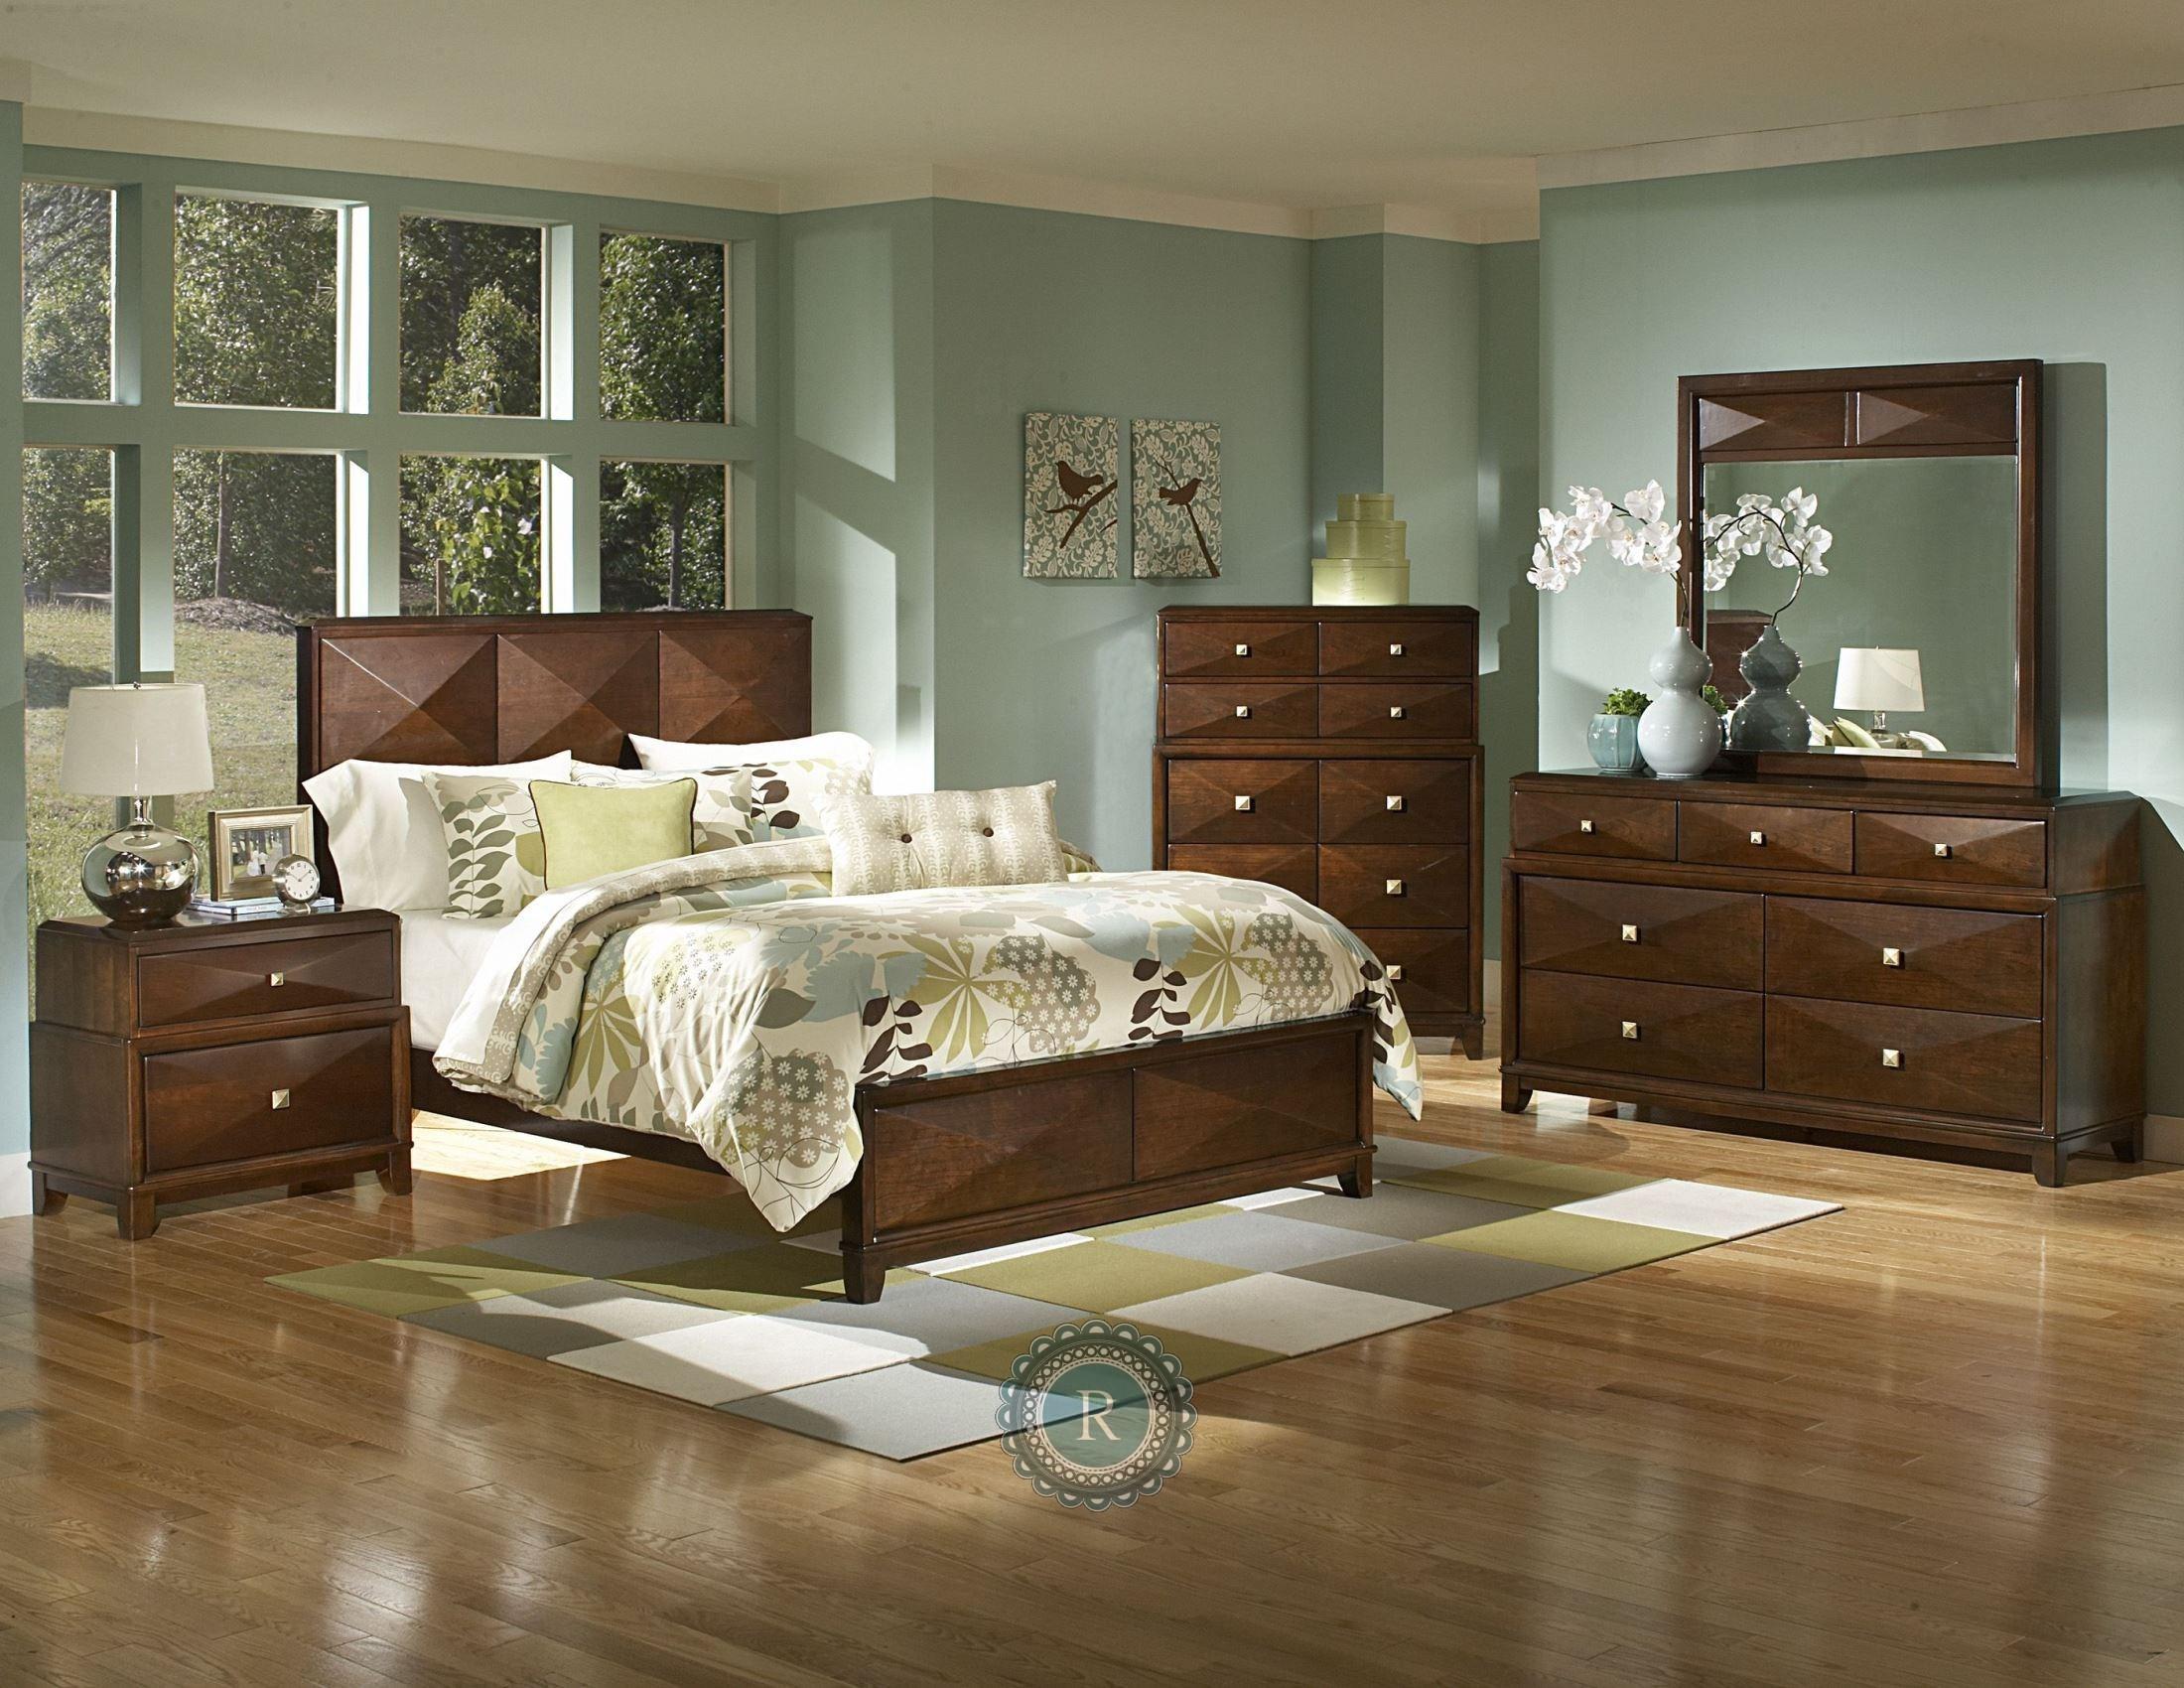 diamond palace panel bedroom set 1465c 1 homelegance